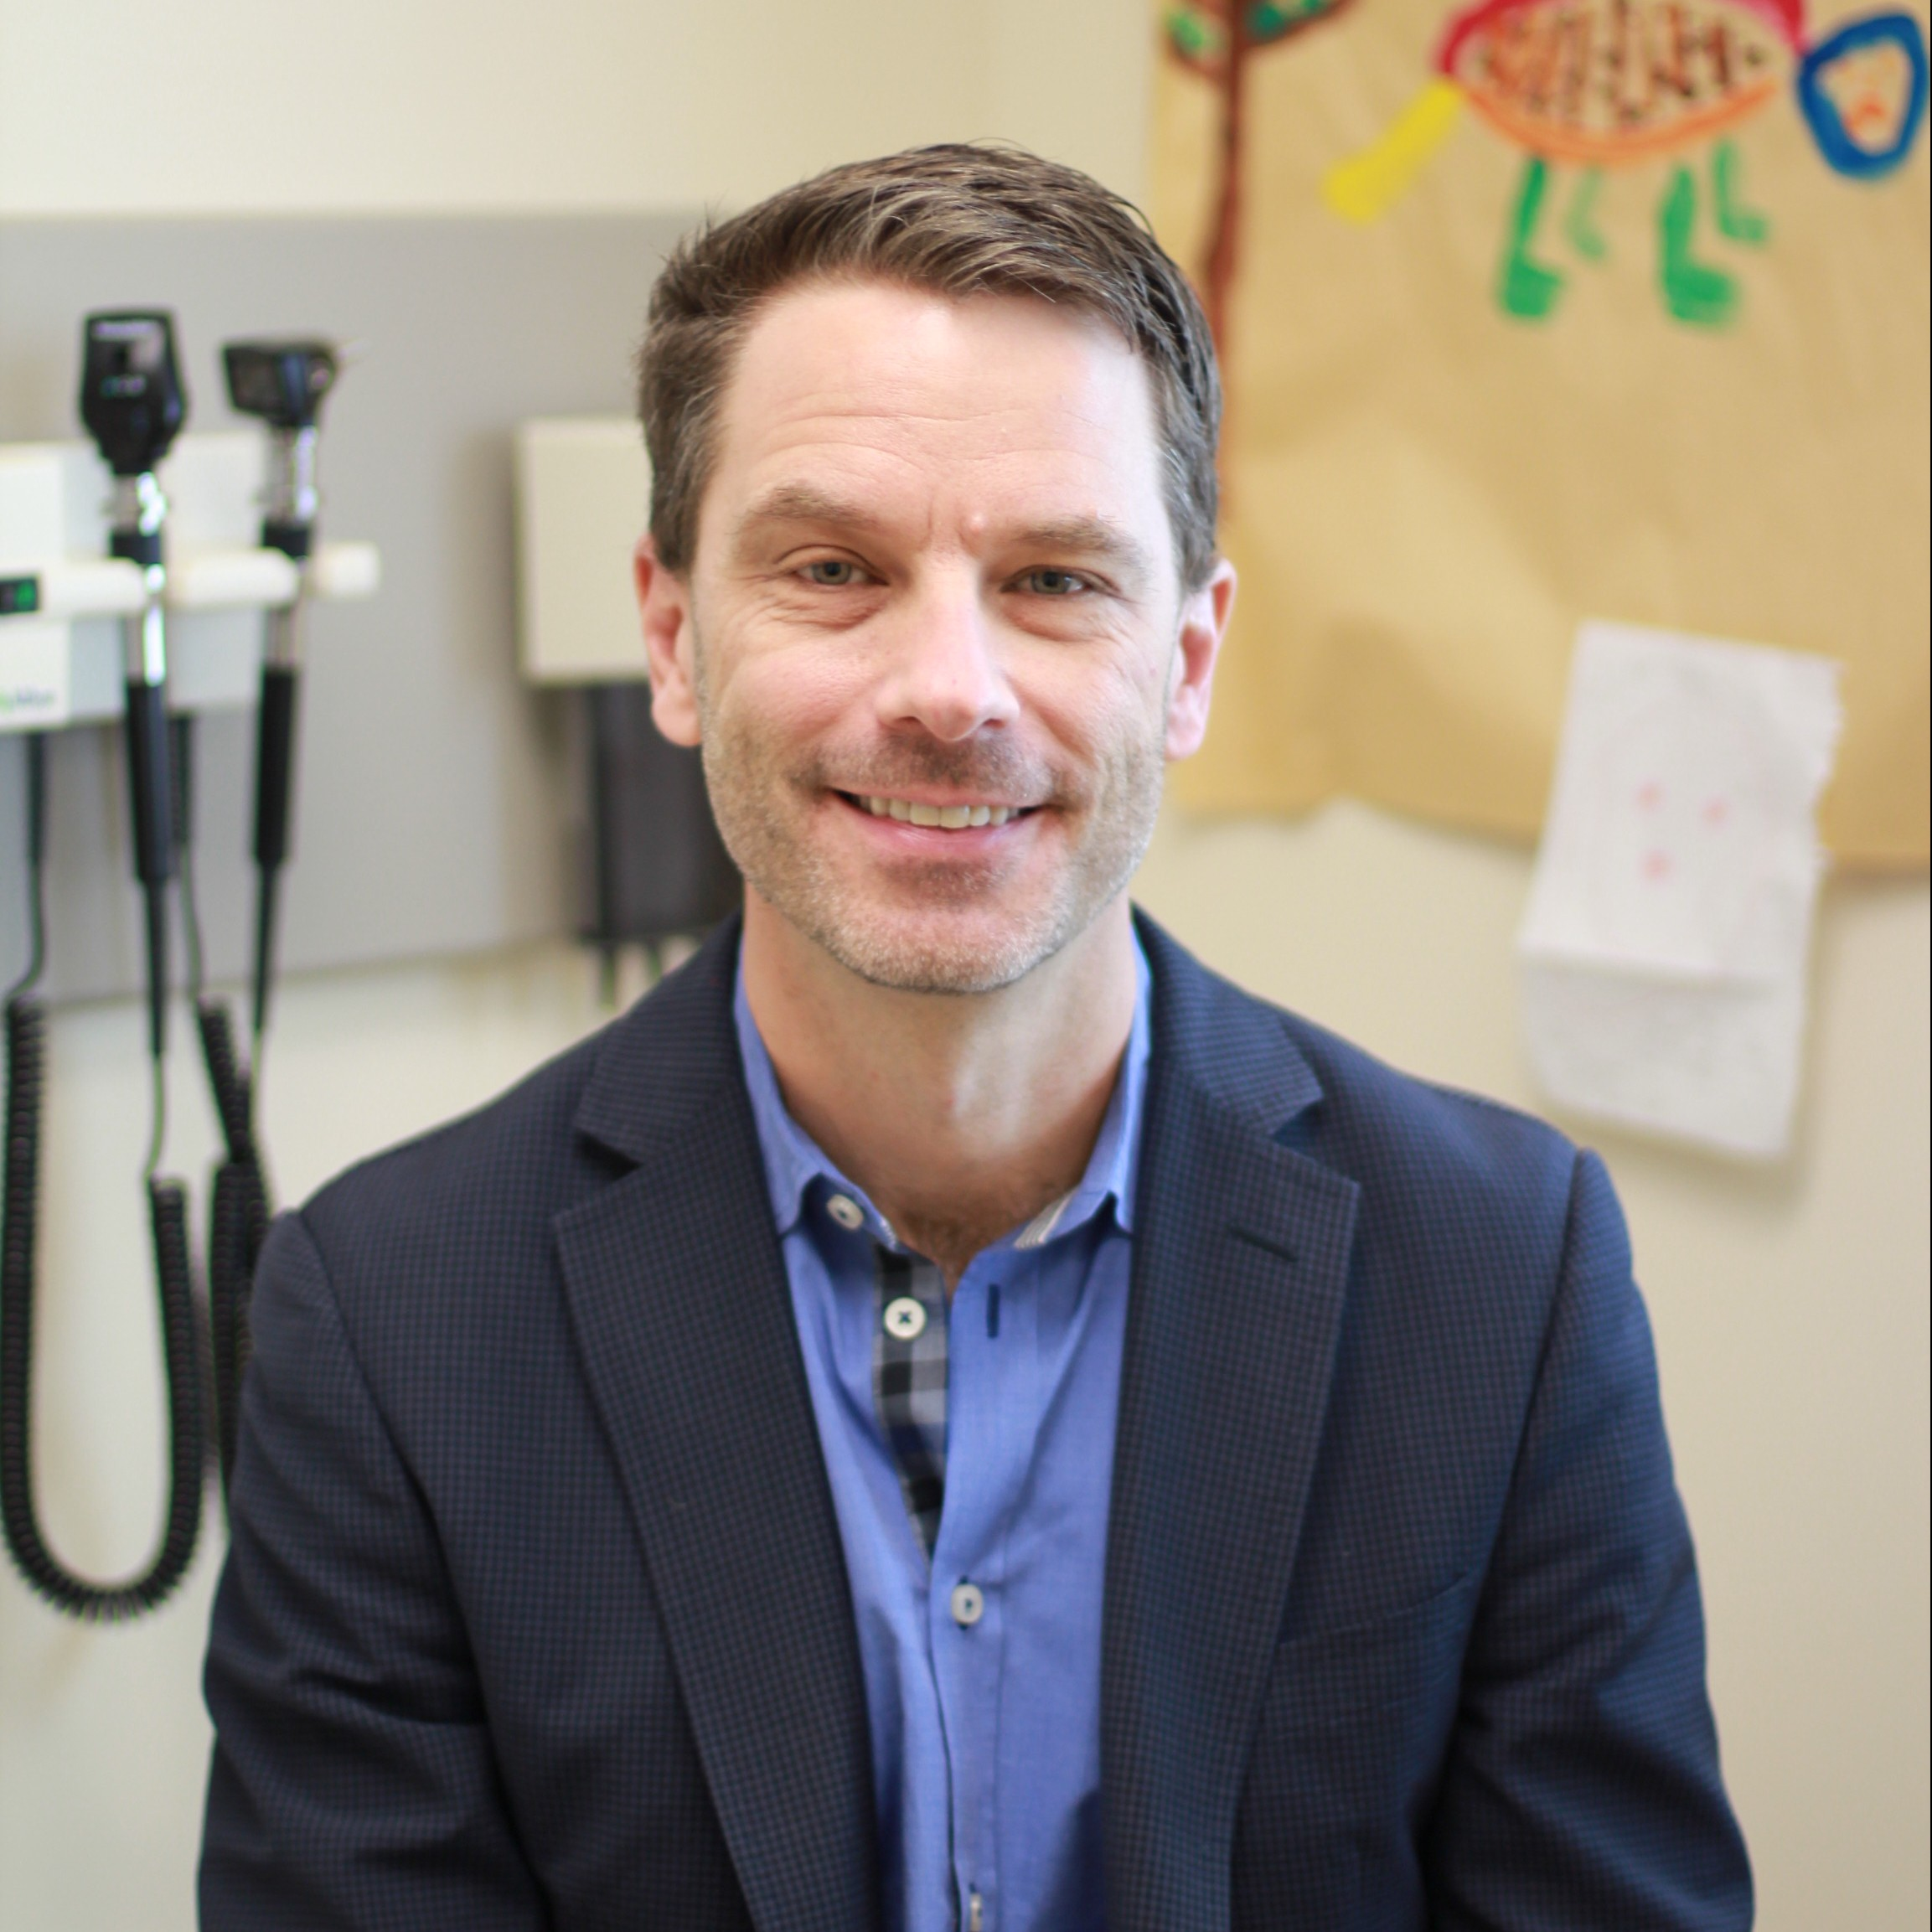 Dr. Patrick McDonald